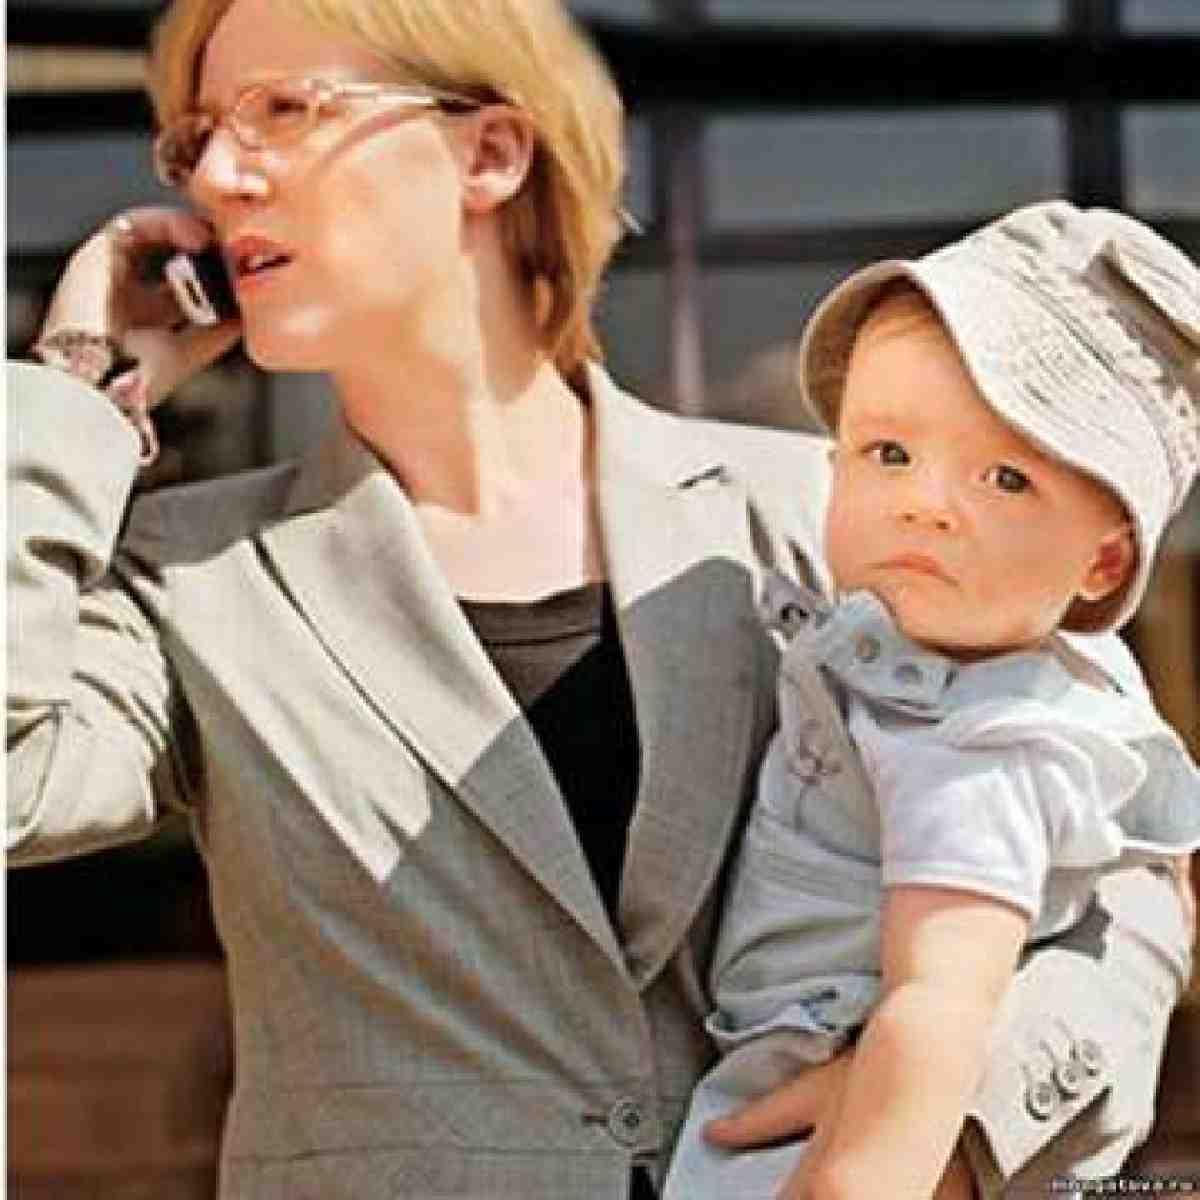 Мама уезжает, детка. Маме надо работать!